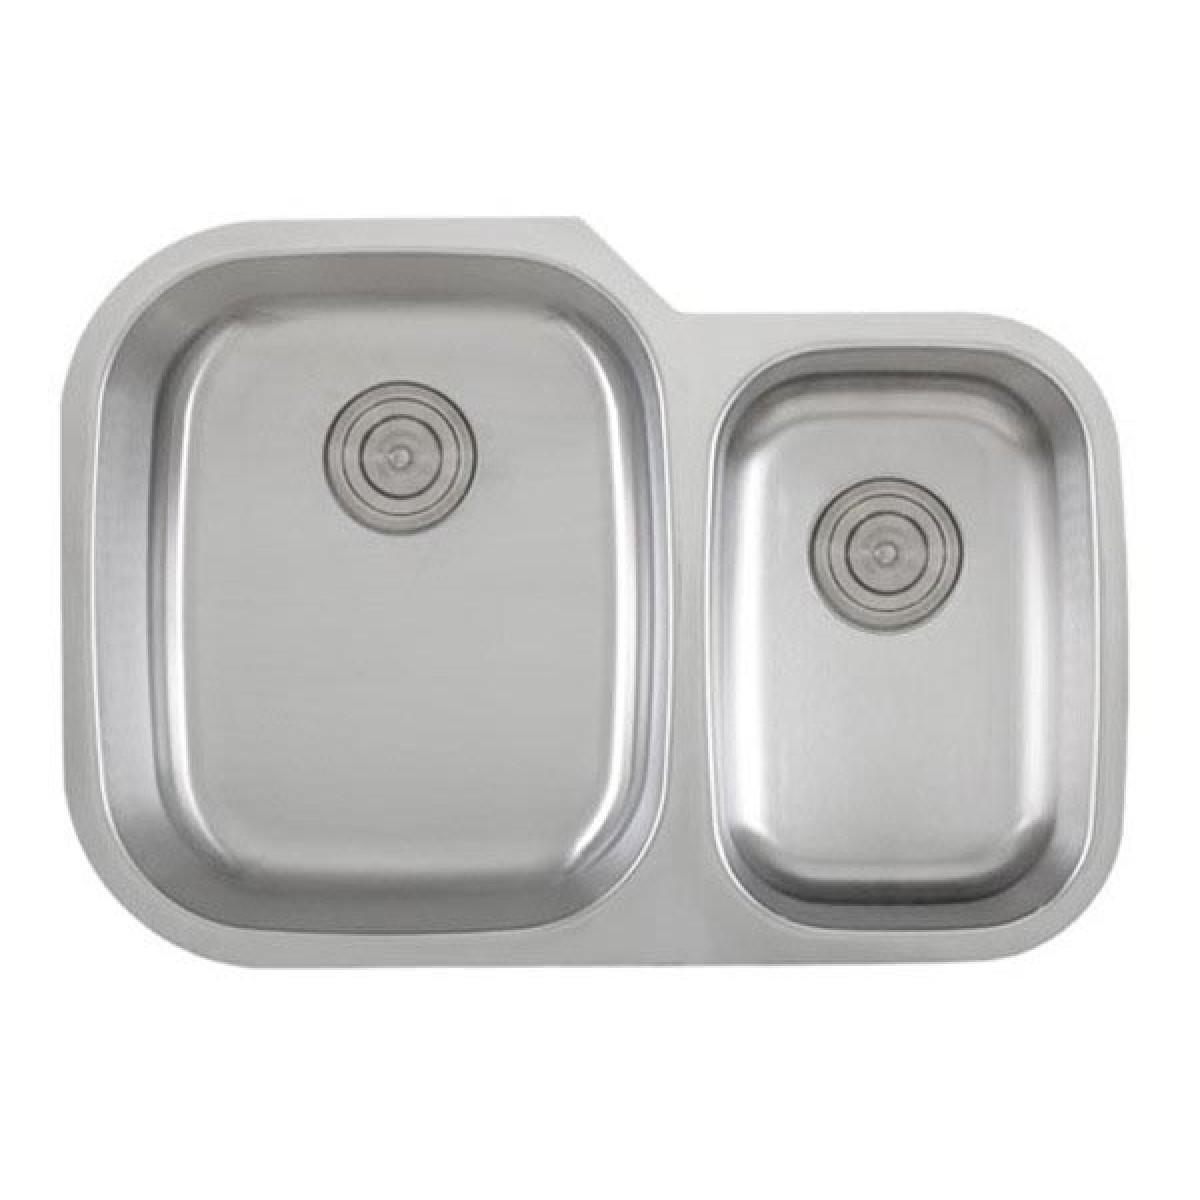 30 Inch 18 Gauge Stainless Steel Undermount 60 40 Double Bowl Kitchen Sink